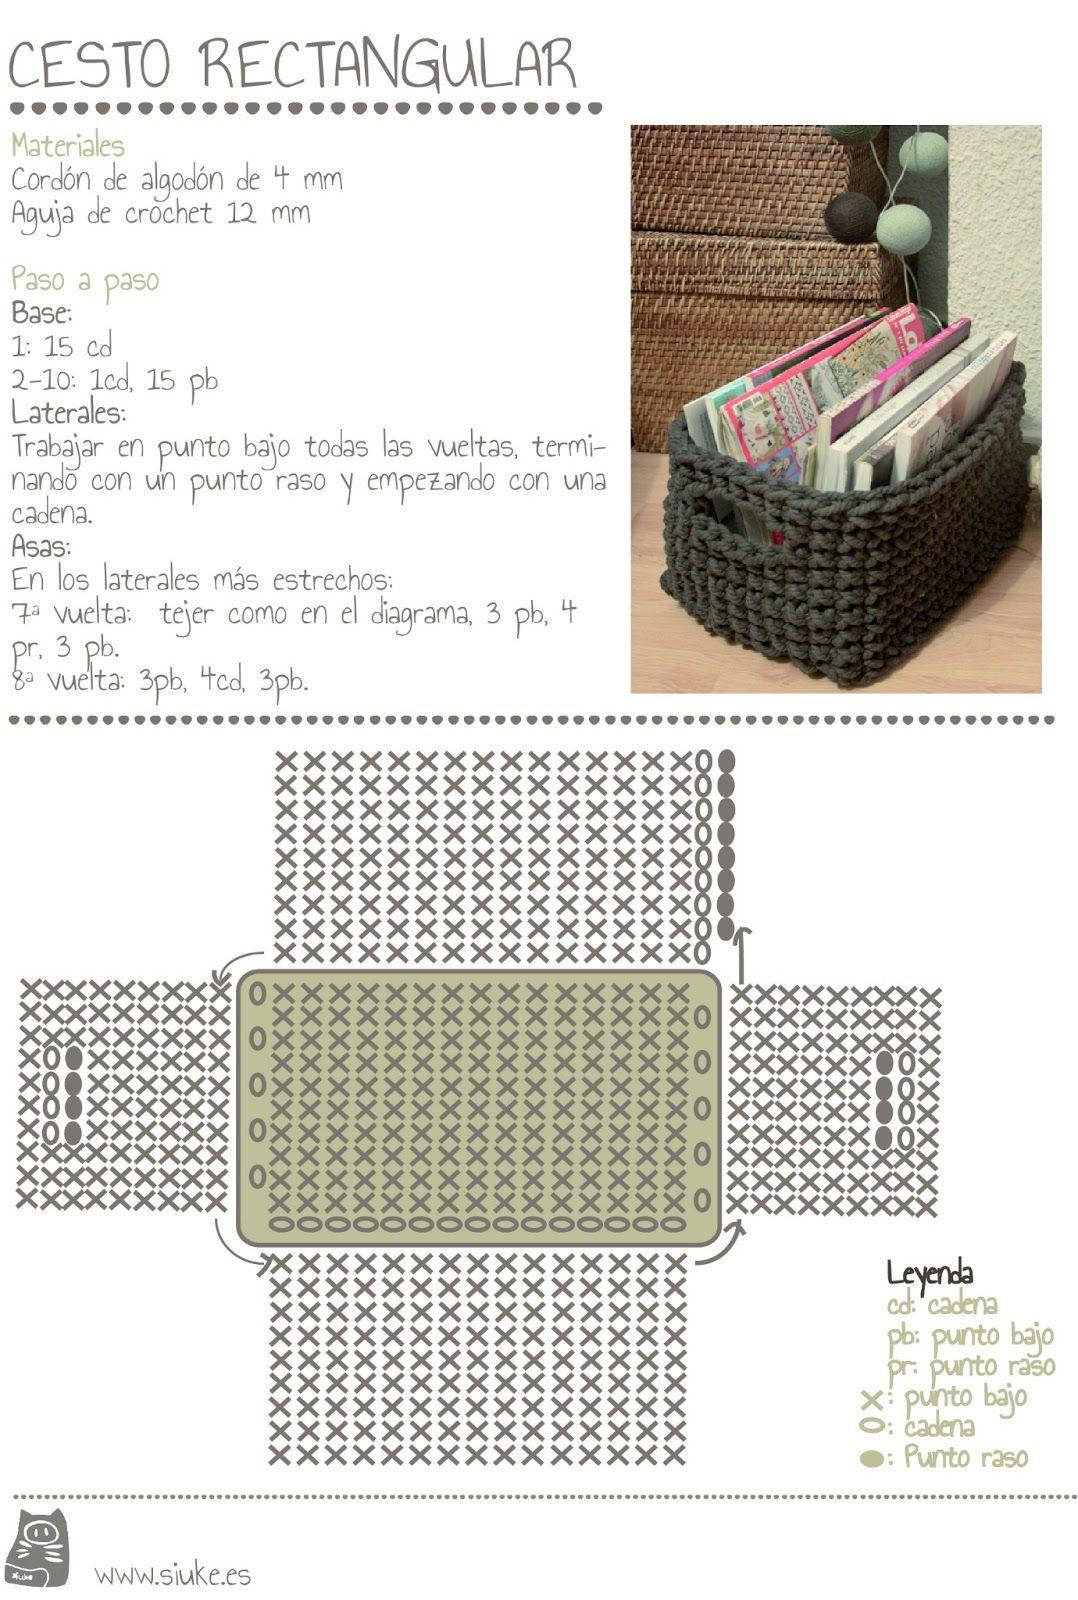 Gallimelmas e Imaginancias: Craft Project: Cestas rectangulares de ...